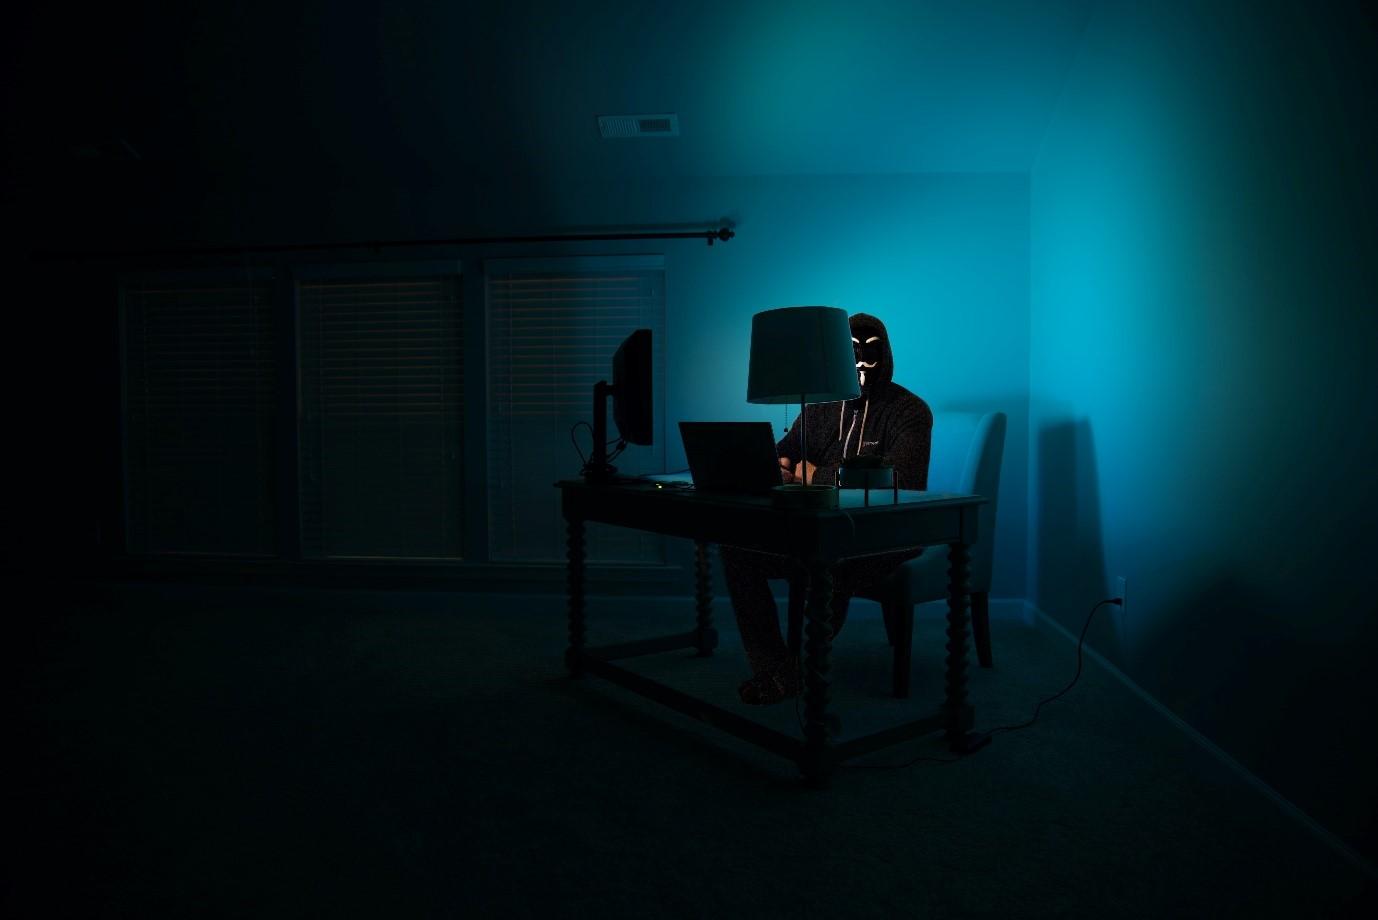 Esto es lo que valen las cuentas de correo, Netflix y Facebook robadas en la dark web